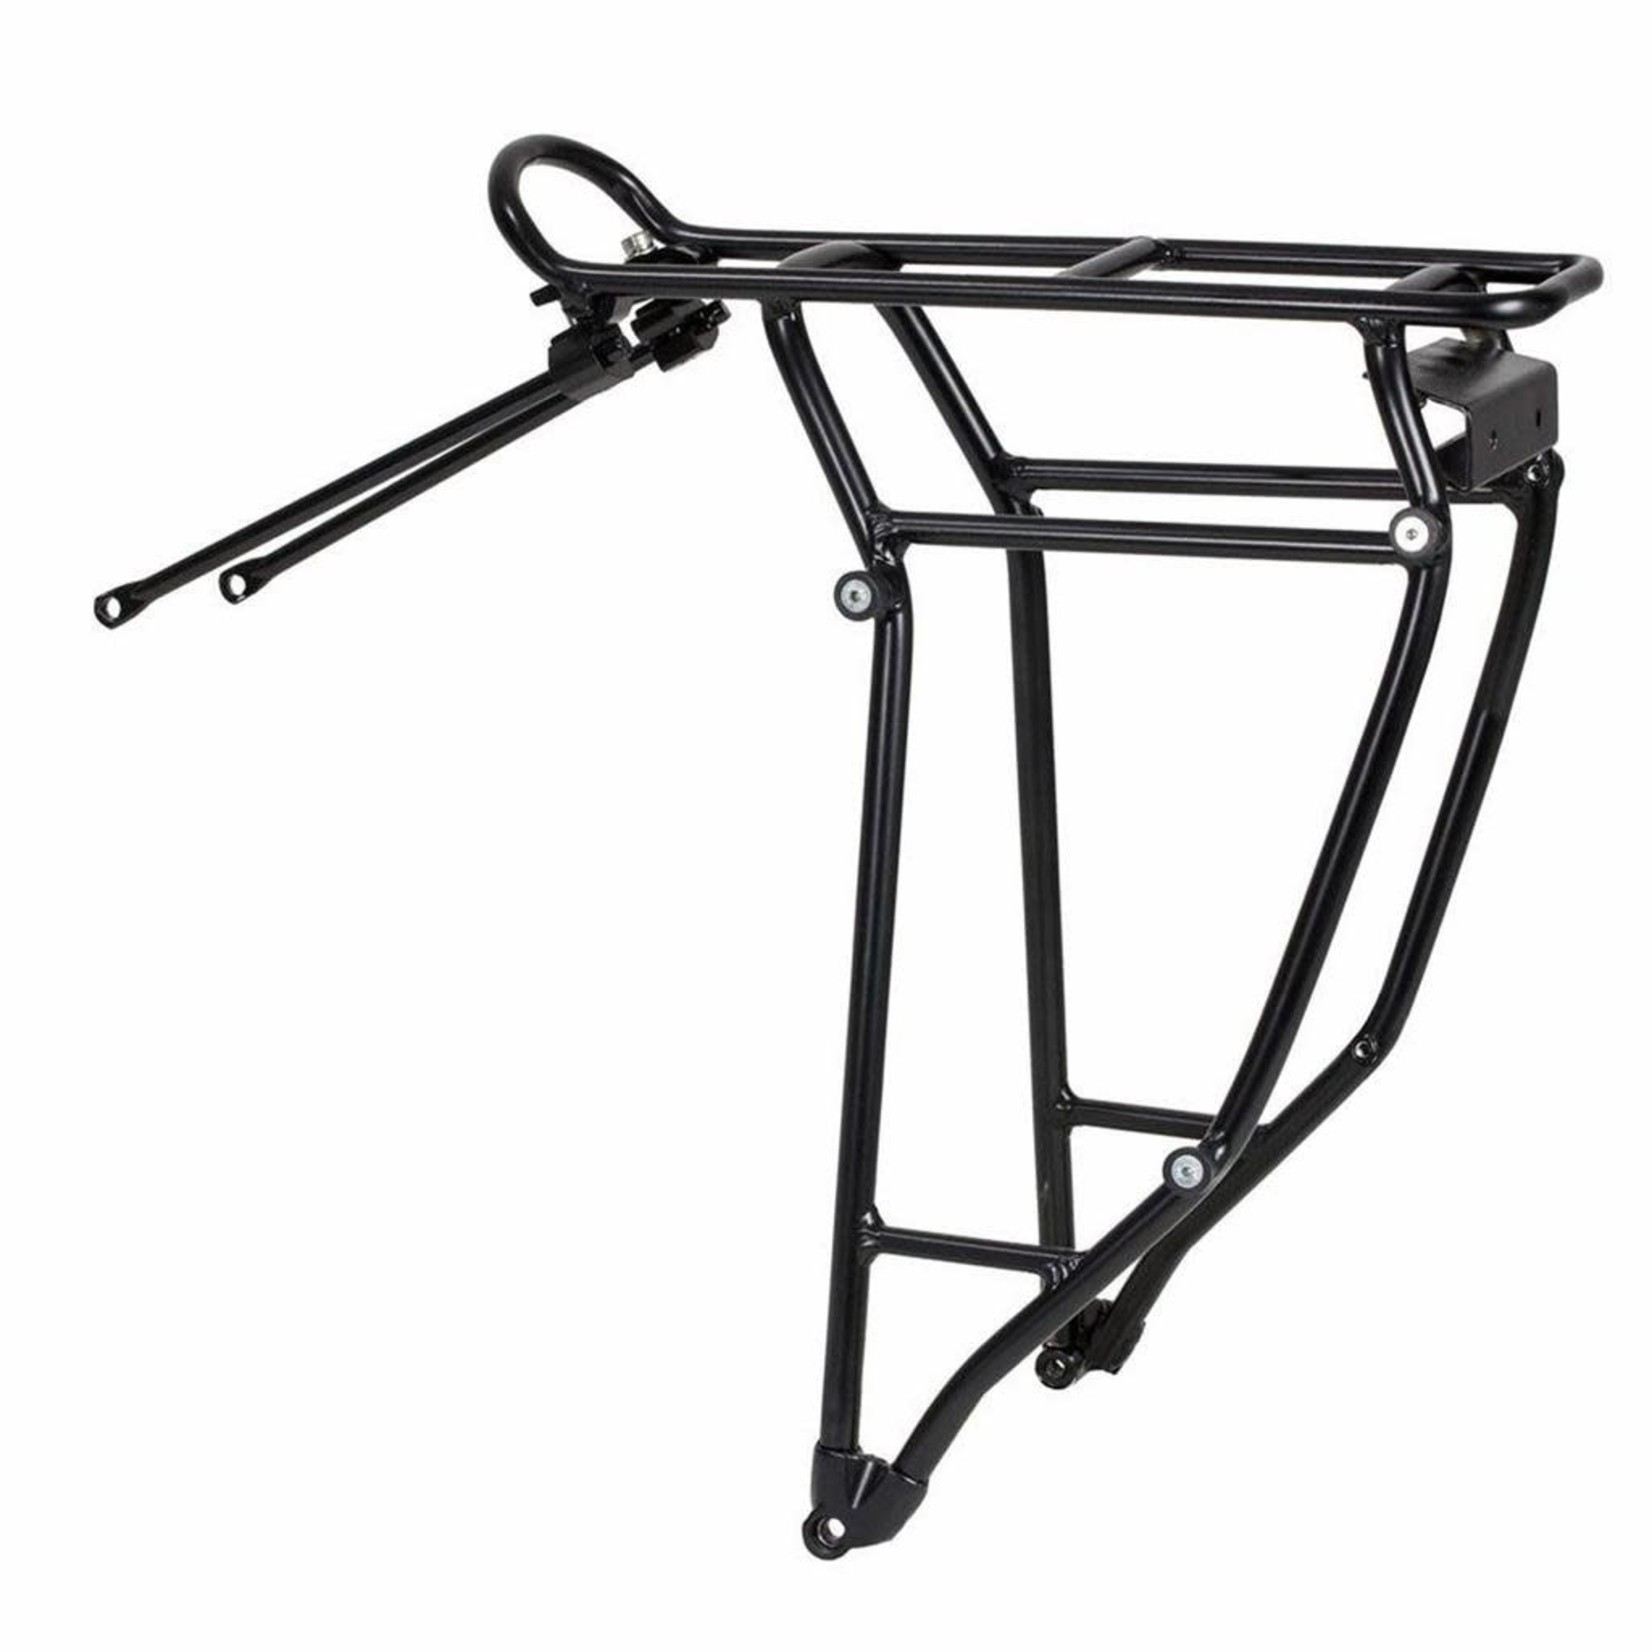 Ortlieb Ortlieb R3 Rear Rack w/QL3.1 mount